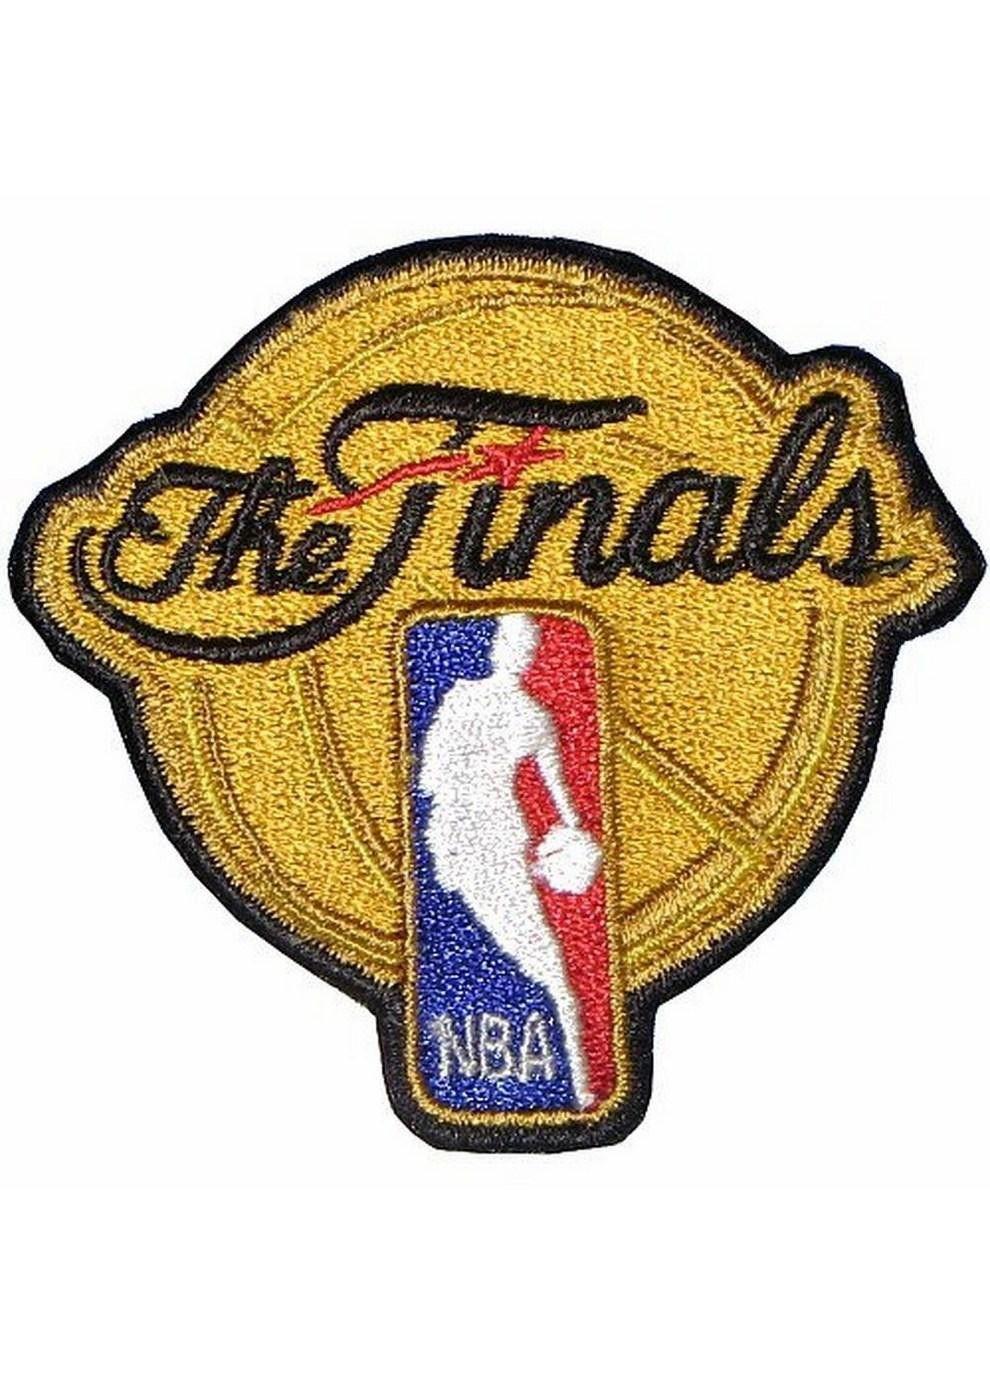 NBA Finals Logo Patch.